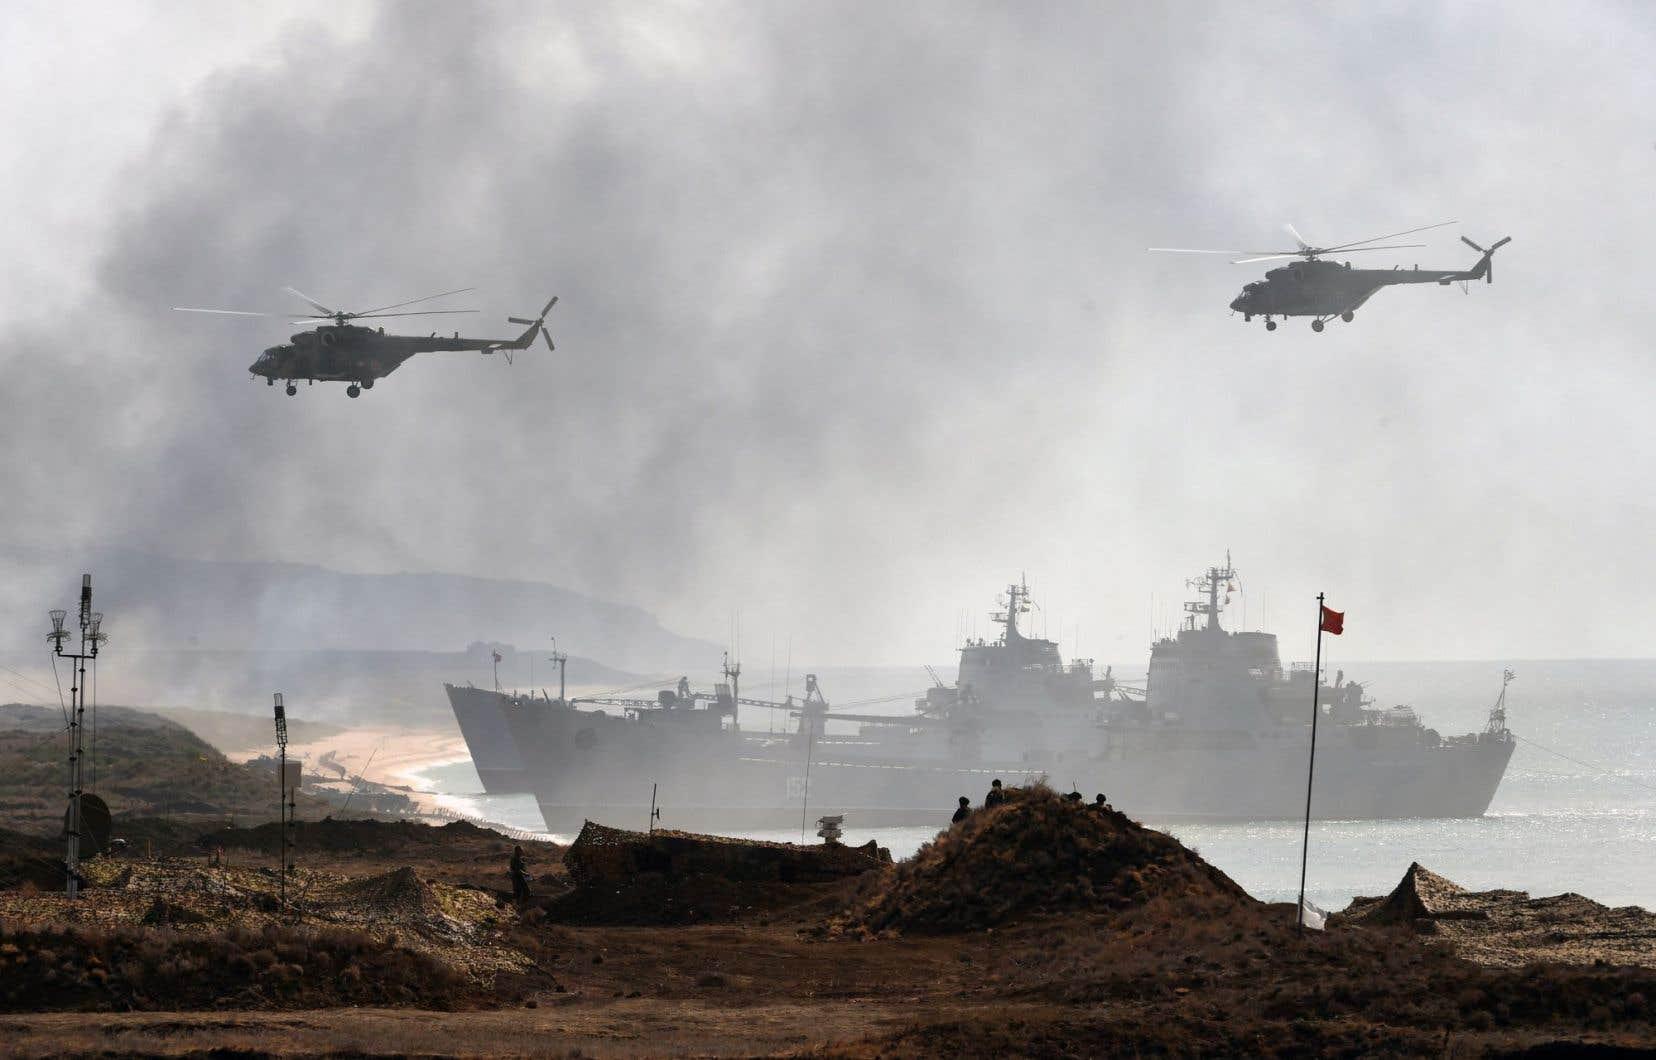 Des véhicules militaires russes participent à un exercice militaire au large de la Crimée. Les relations entre Moscou et Washington sont au plus bas depuis la fin de la guerre froide après l'annexion de cette région ukrainienne par la Russie en 2014.